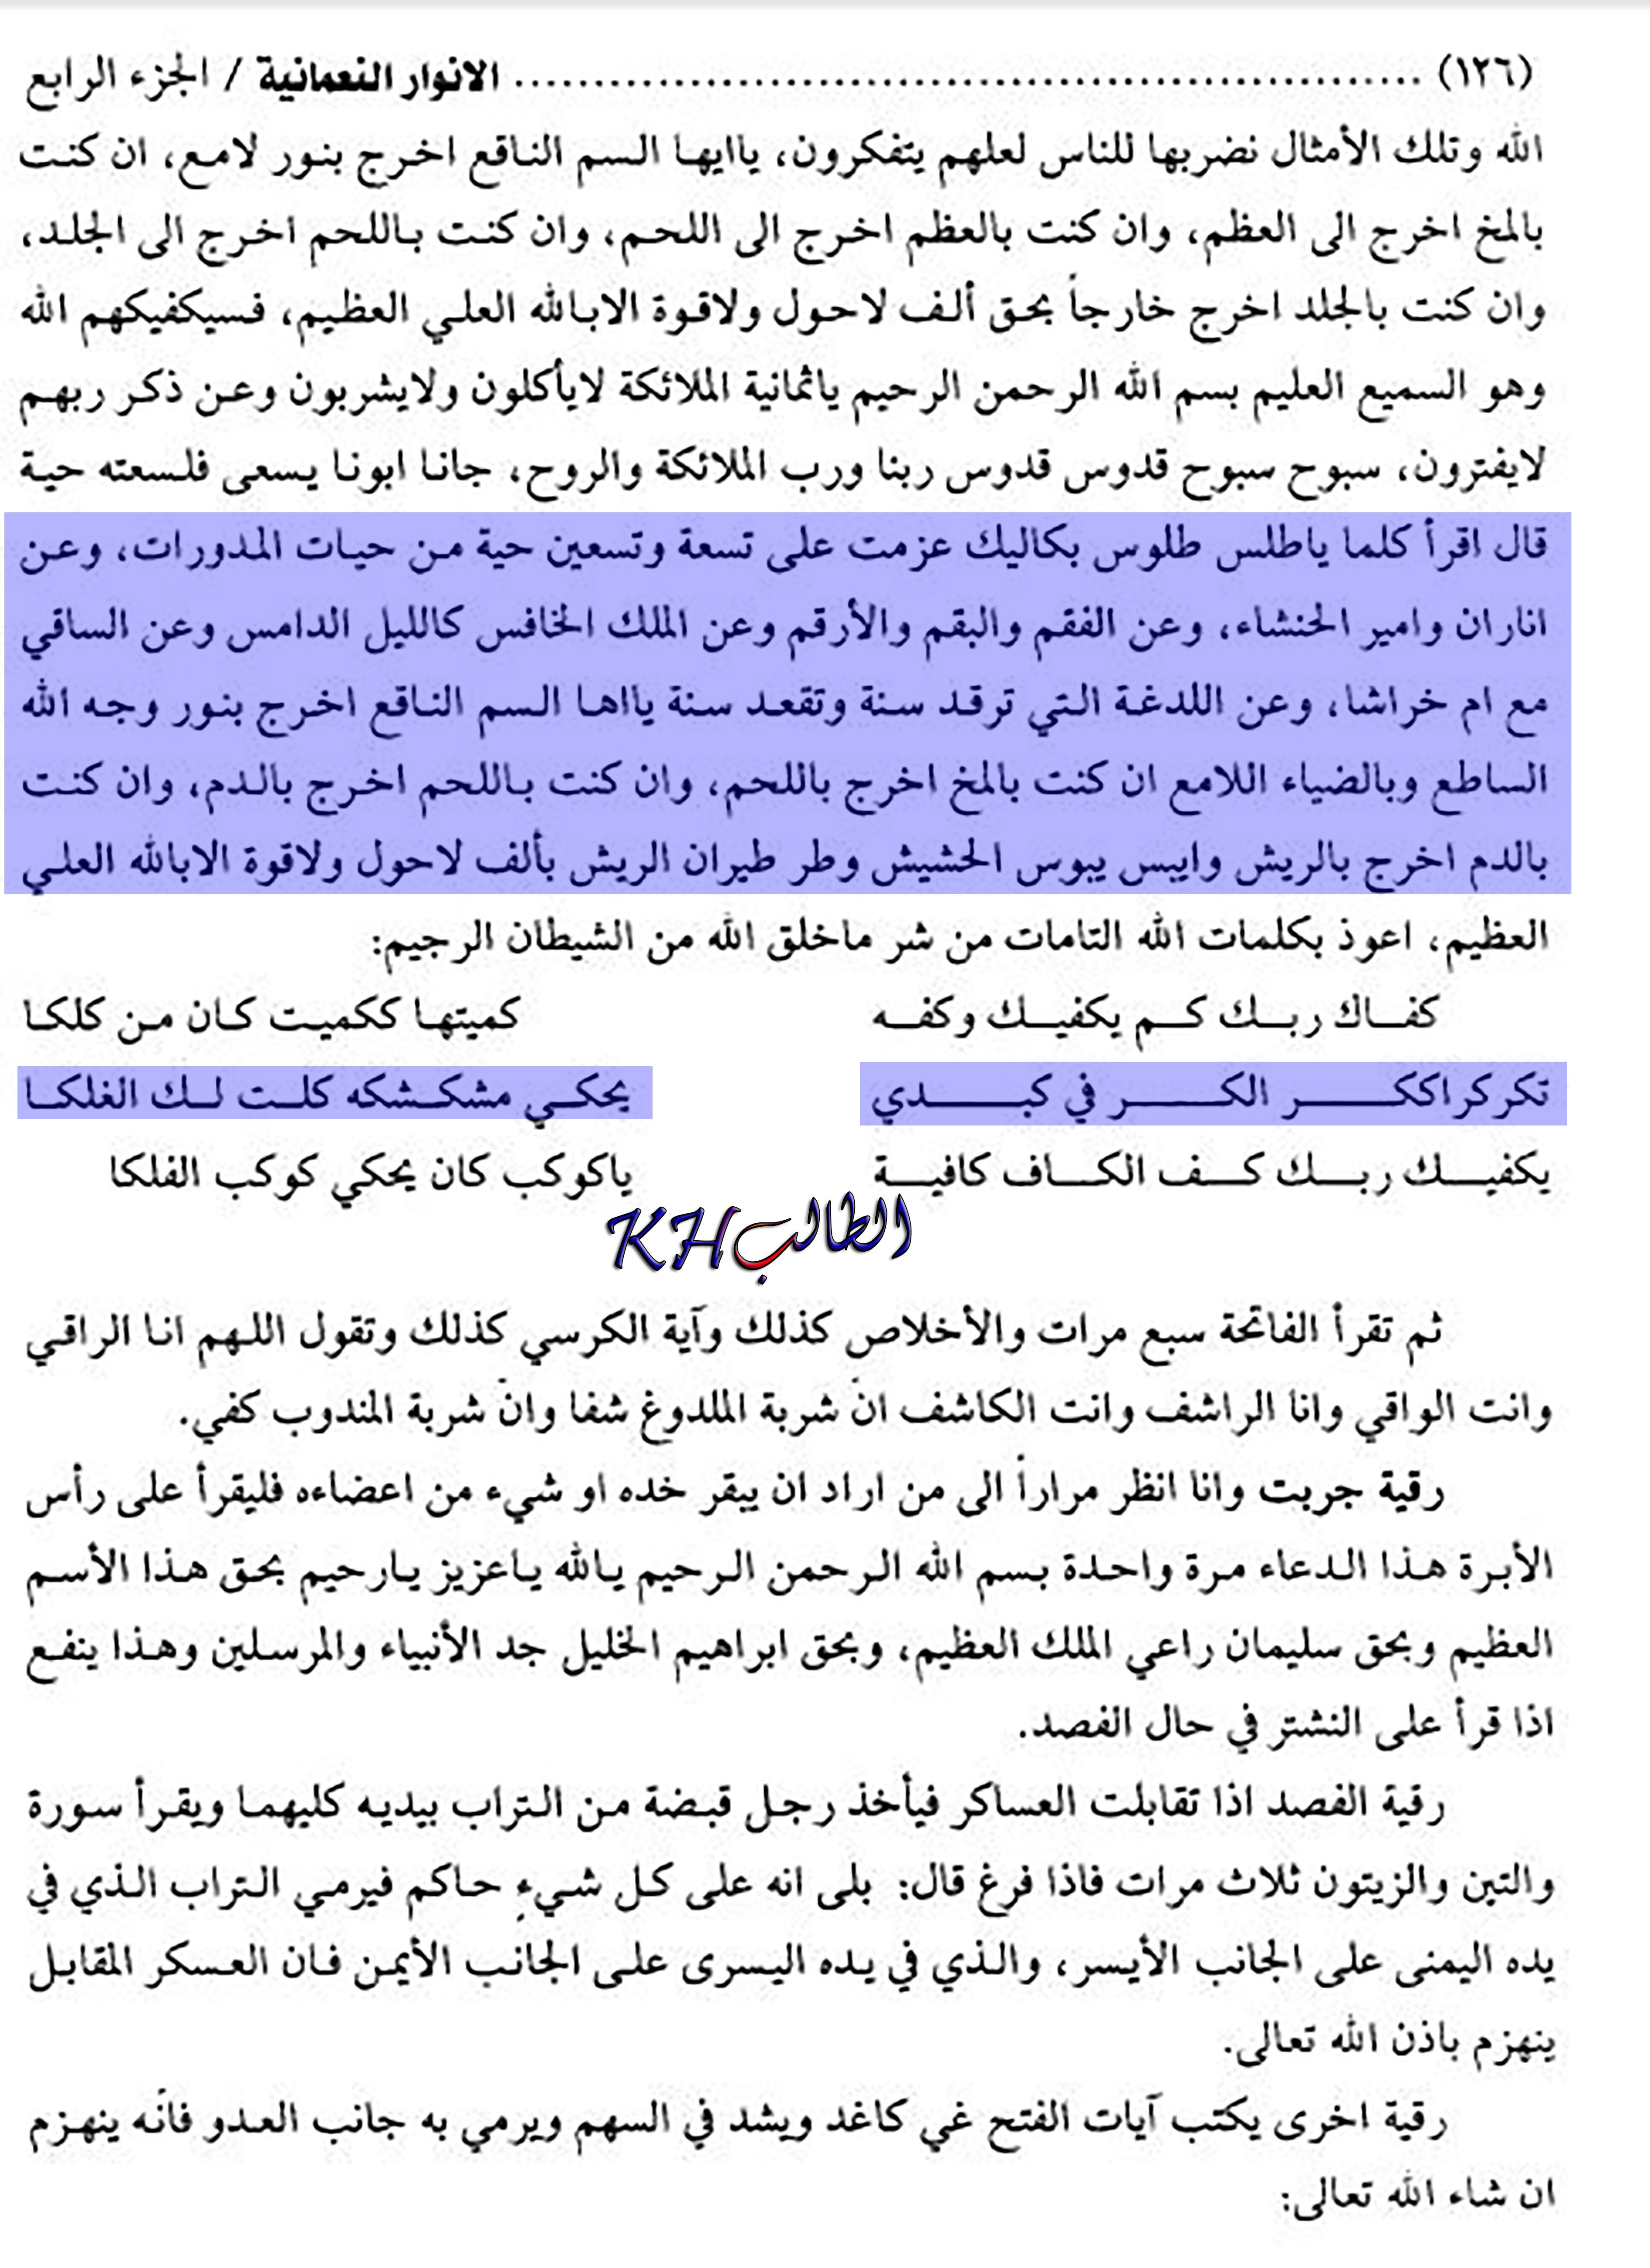 كلمات غريبة لنعمة الله الجزائري تحتاج الى مترجم شبكة الدفاع عن السنة